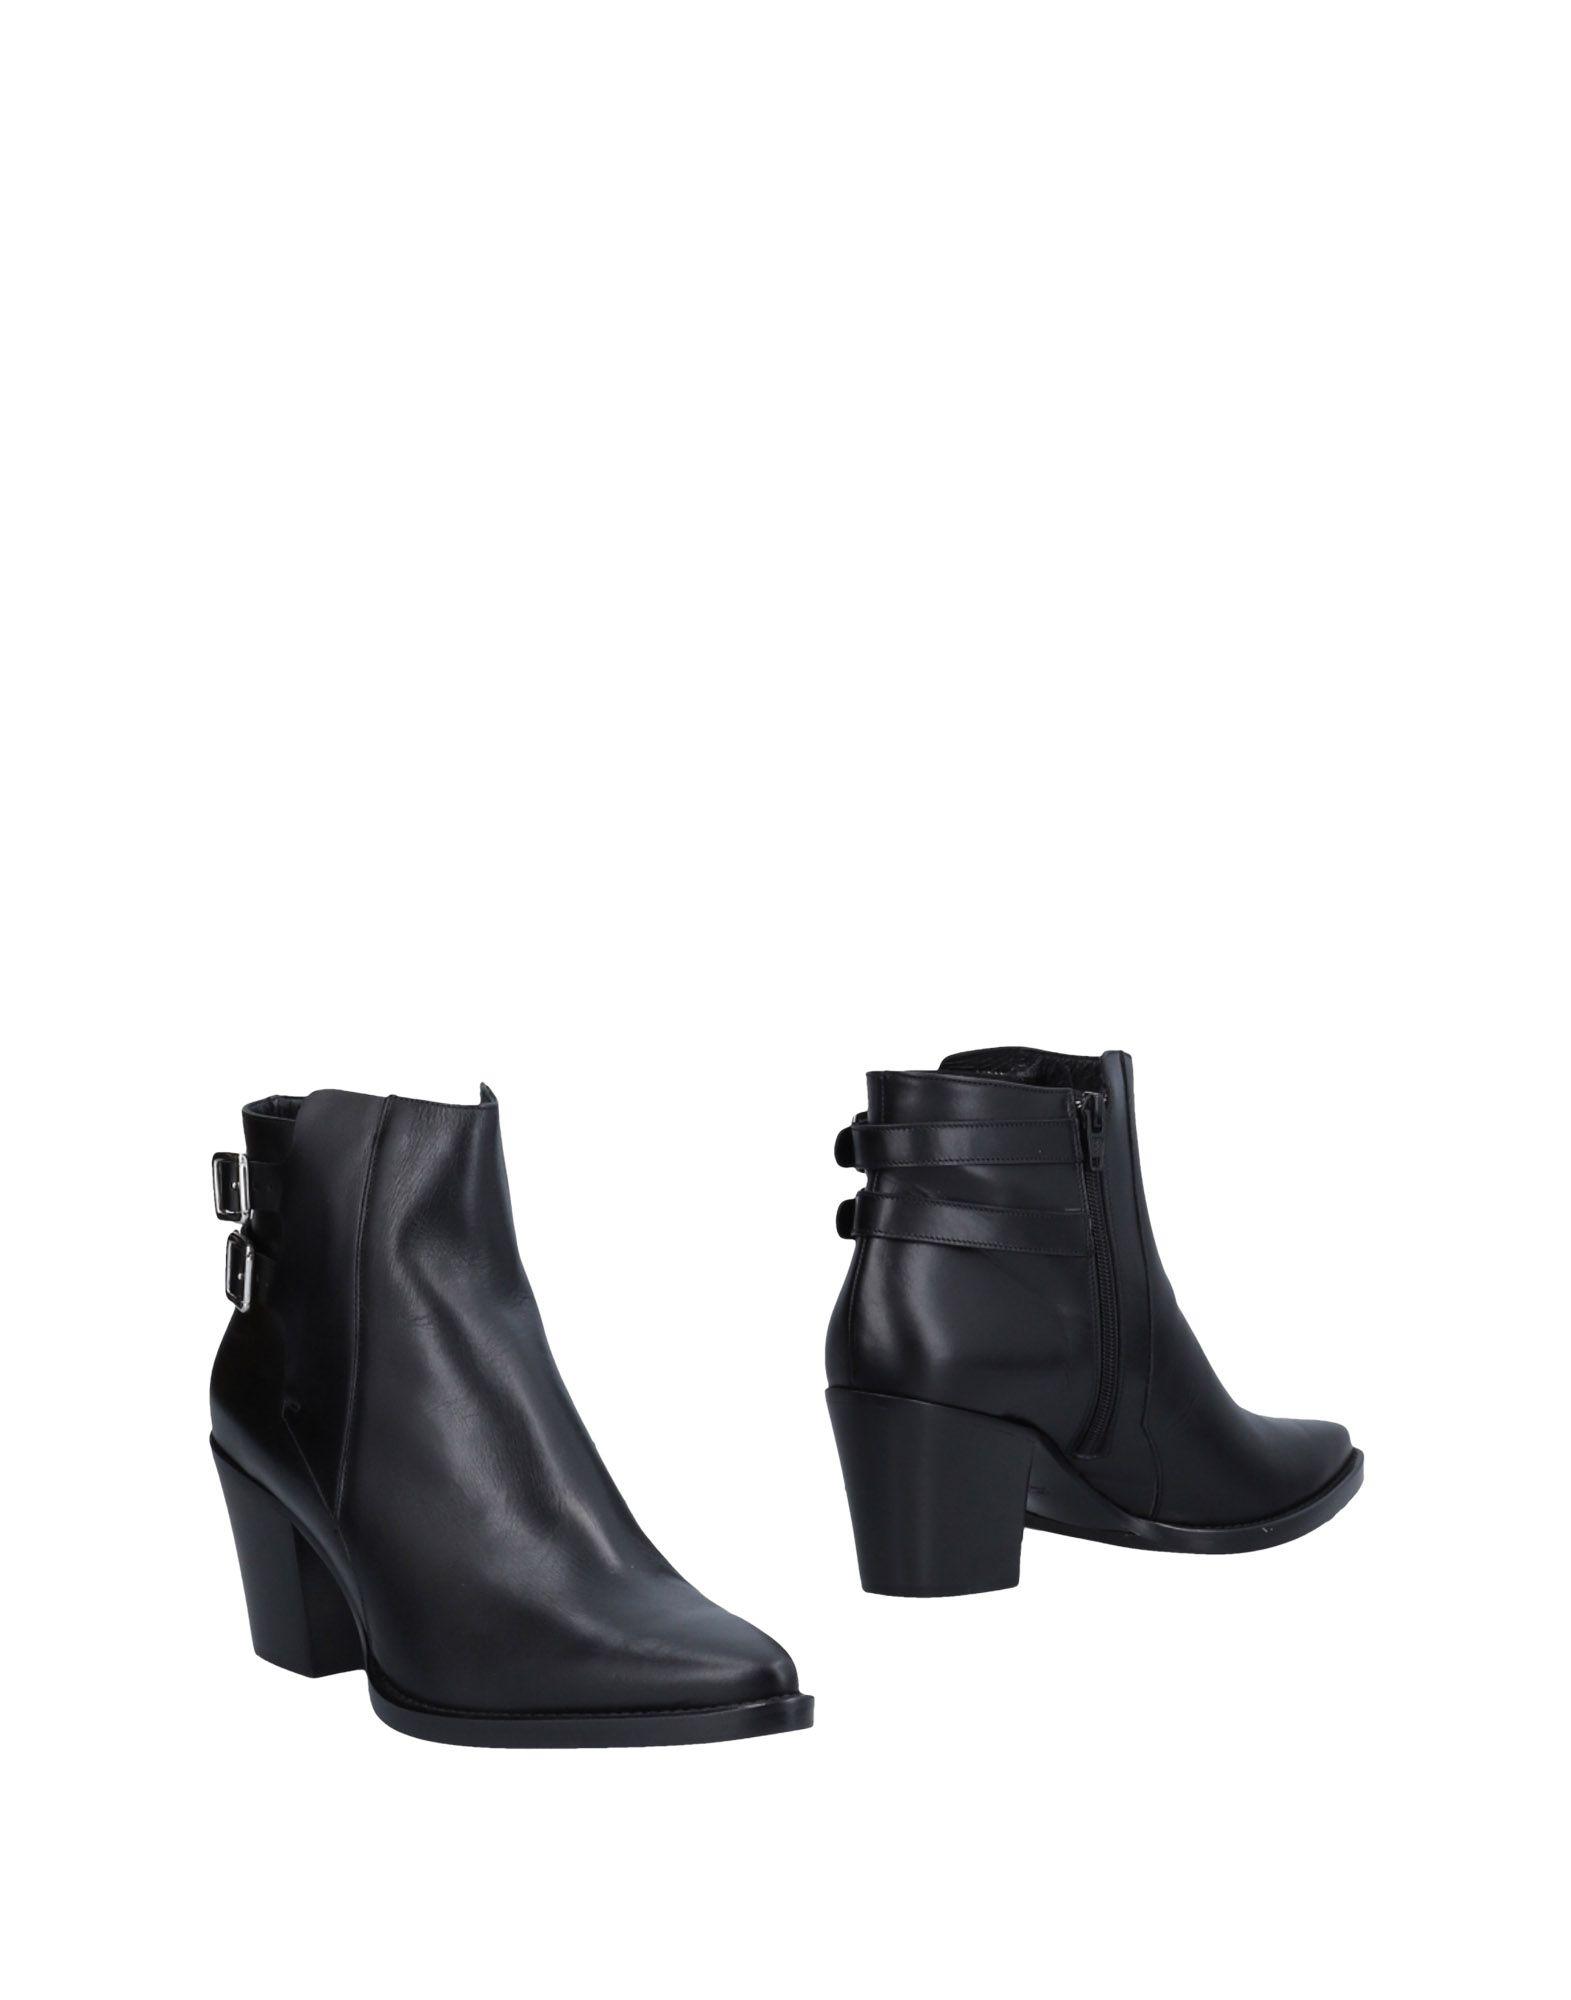 Guglielmo Rotta Ankle Boot - Women Guglielmo Rotta Ankle Australia Boots online on  Australia Ankle - 11487410PO c14f72